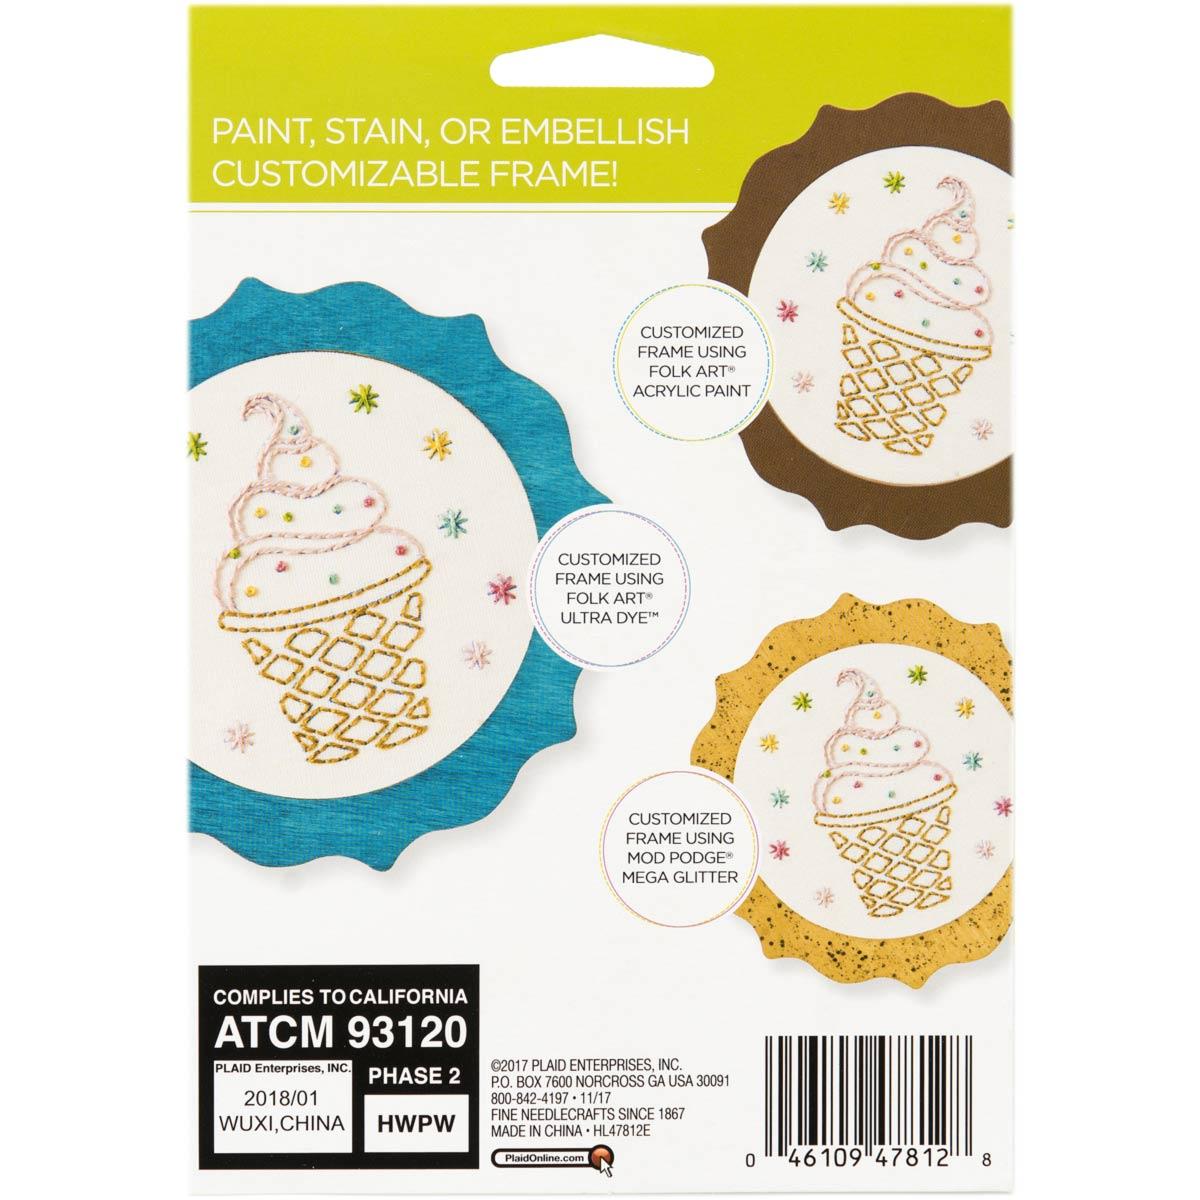 Bucilla ® My 1st Stitch™ - Stamped Cross Stitch Kits - Sweet Thoughts - 47812E